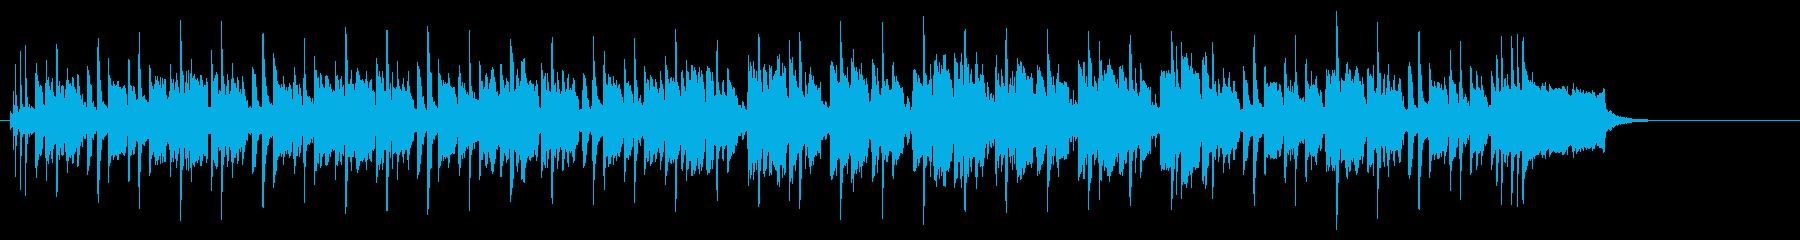 おだやかに揺れるポップなレゲエの再生済みの波形